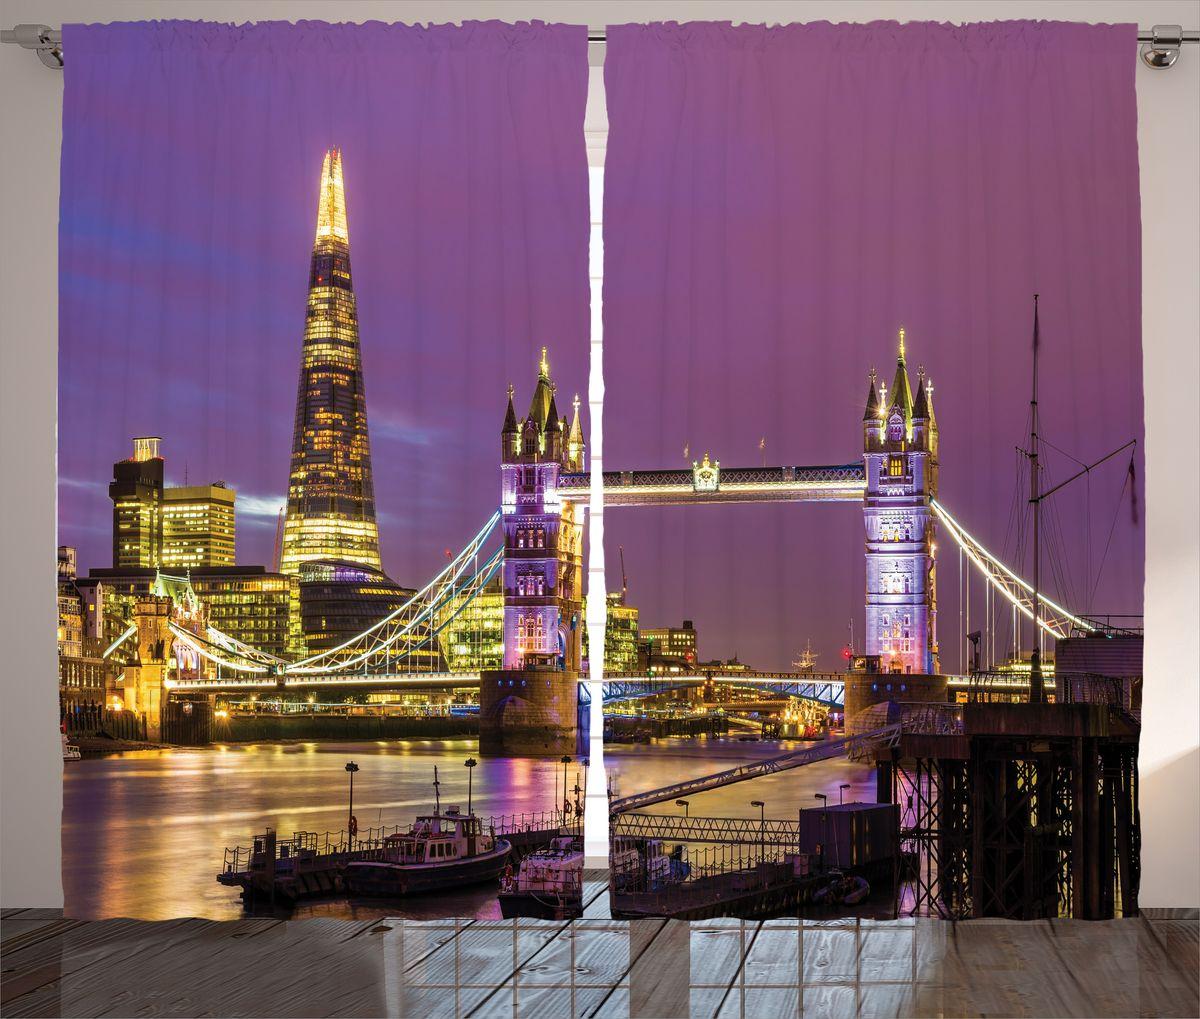 Комплект фотоштор Magic Lady Фиолетовый закат над Лондоном, на ленте, высота 265 см. шсг_14658шсг_14658Компания Сэмболь изготавливает шторы из высококачественного сатена (полиэстер 100%). При изготовлении используются специальные гипоаллергенные чернила для прямой печати по ткани, безопасные для человека и животных. Экологичность продукции Magic lady и безопасность для окружающей среды подтверждены сертификатом Oeko-Tex Standard 100. Крепление: крючки для крепления на шторной ленте (50 шт). Возможно крепление на трубу. Внимание! При нанесении сублимационной печати на ткань технологическим методом при температуре 240°С, возможно отклонение полученных размеров (указанных на этикетке и сайте) от стандартных на + - 3-5 см. Производитель старается максимально точно передать цвета изделия на фотографиях, однако искажения неизбежны и фактический цвет изделия может отличаться от воспринимаемого по фото. Обратите внимание! Шторы изготовлены из полиэстра сатенового переплетения, а не из сатина (хлопок). Размер одного полотна шторы: 145х265 см. В комплекте 2...